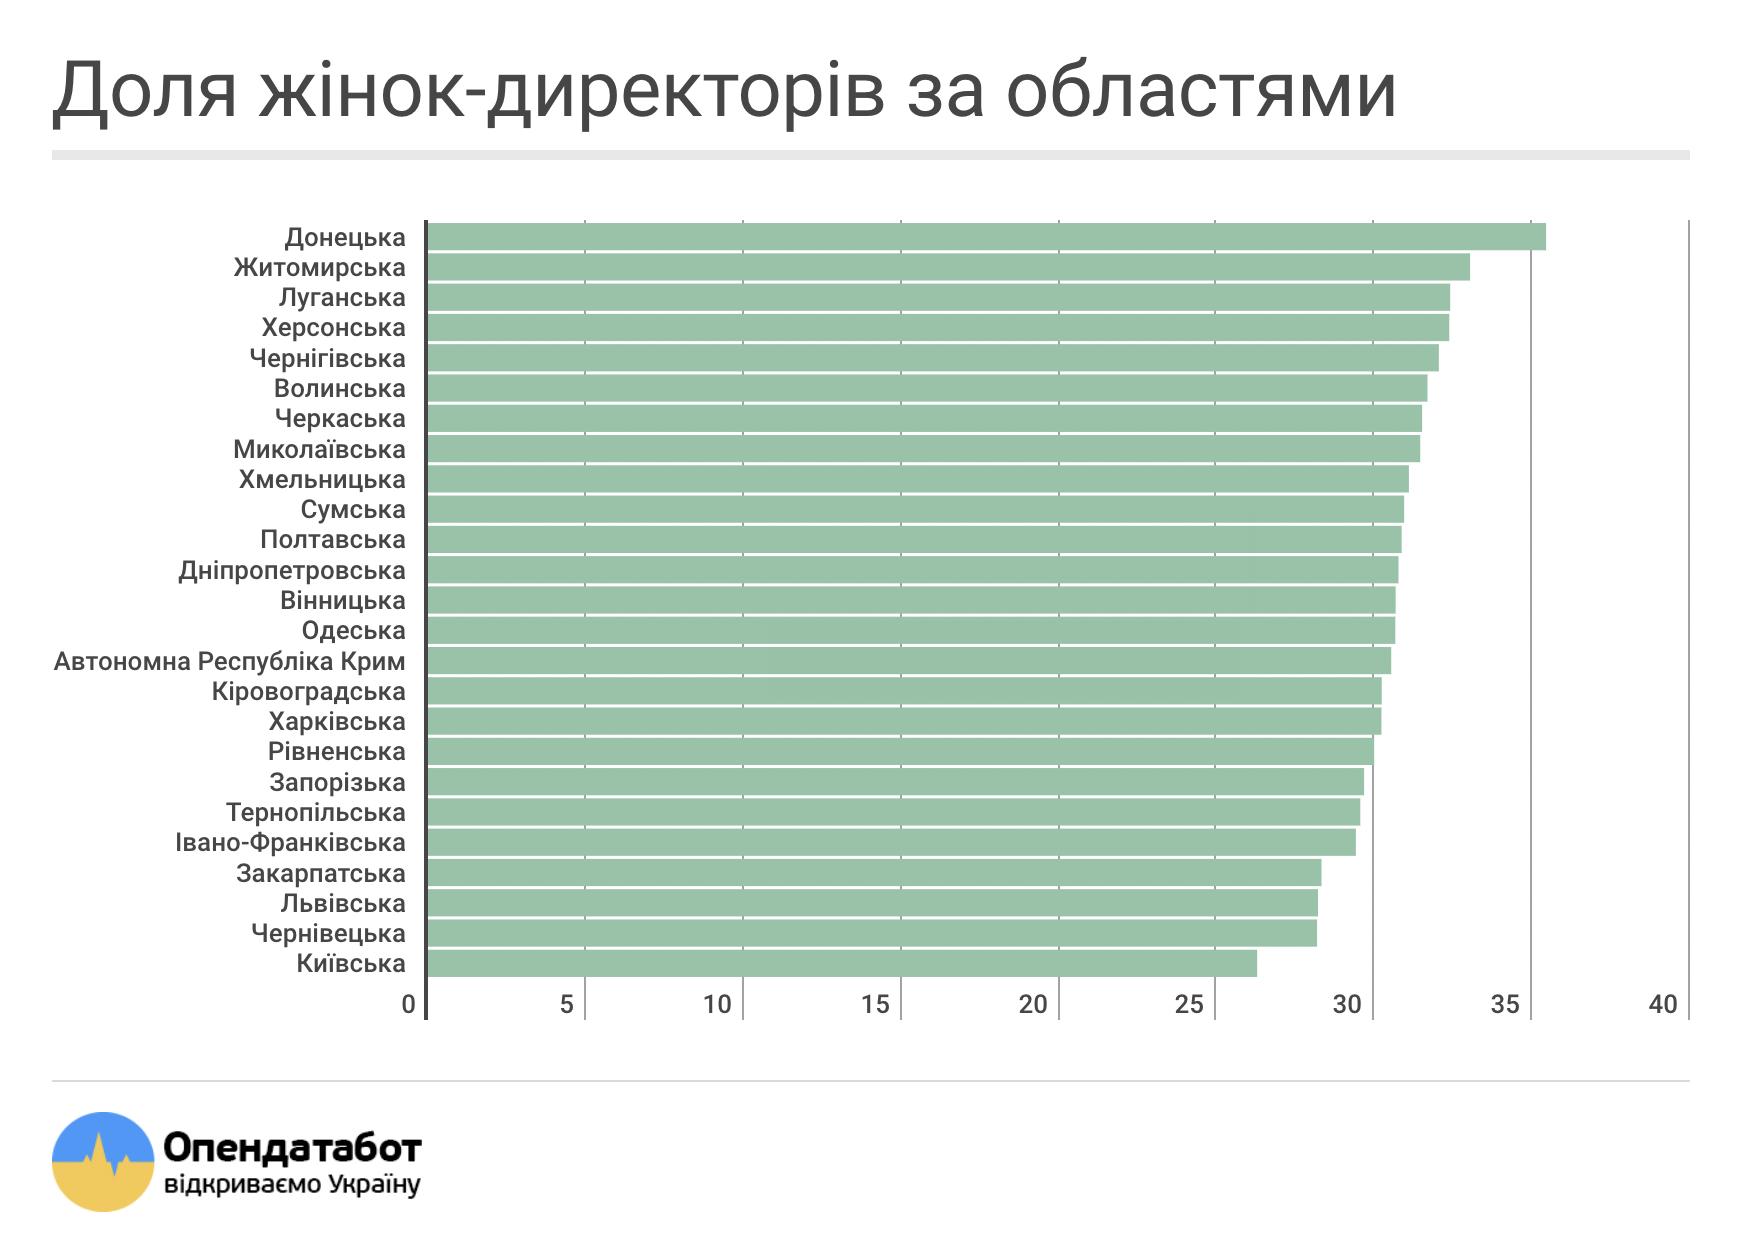 Доля жінок-директорів за областями